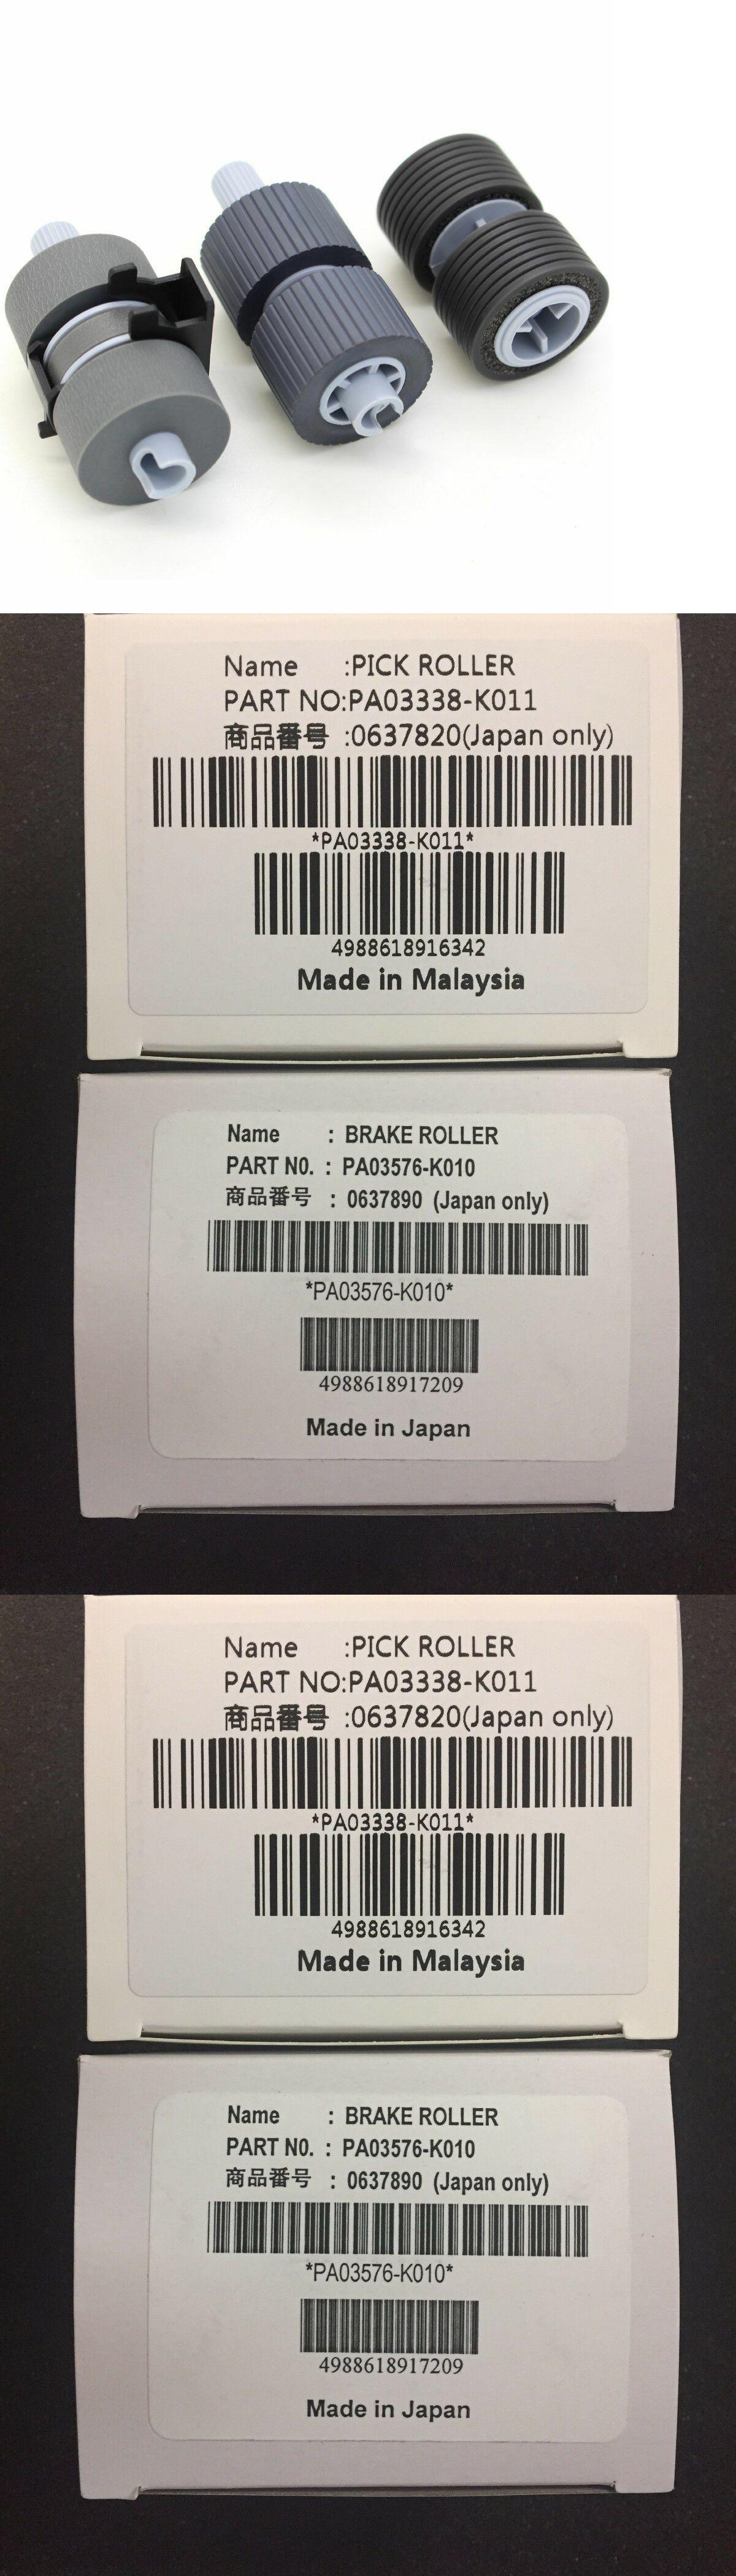 Scanner Brake and Pick Roller Set PA03338-K011 PA03576-K010 For Fujitsu Fi-6670